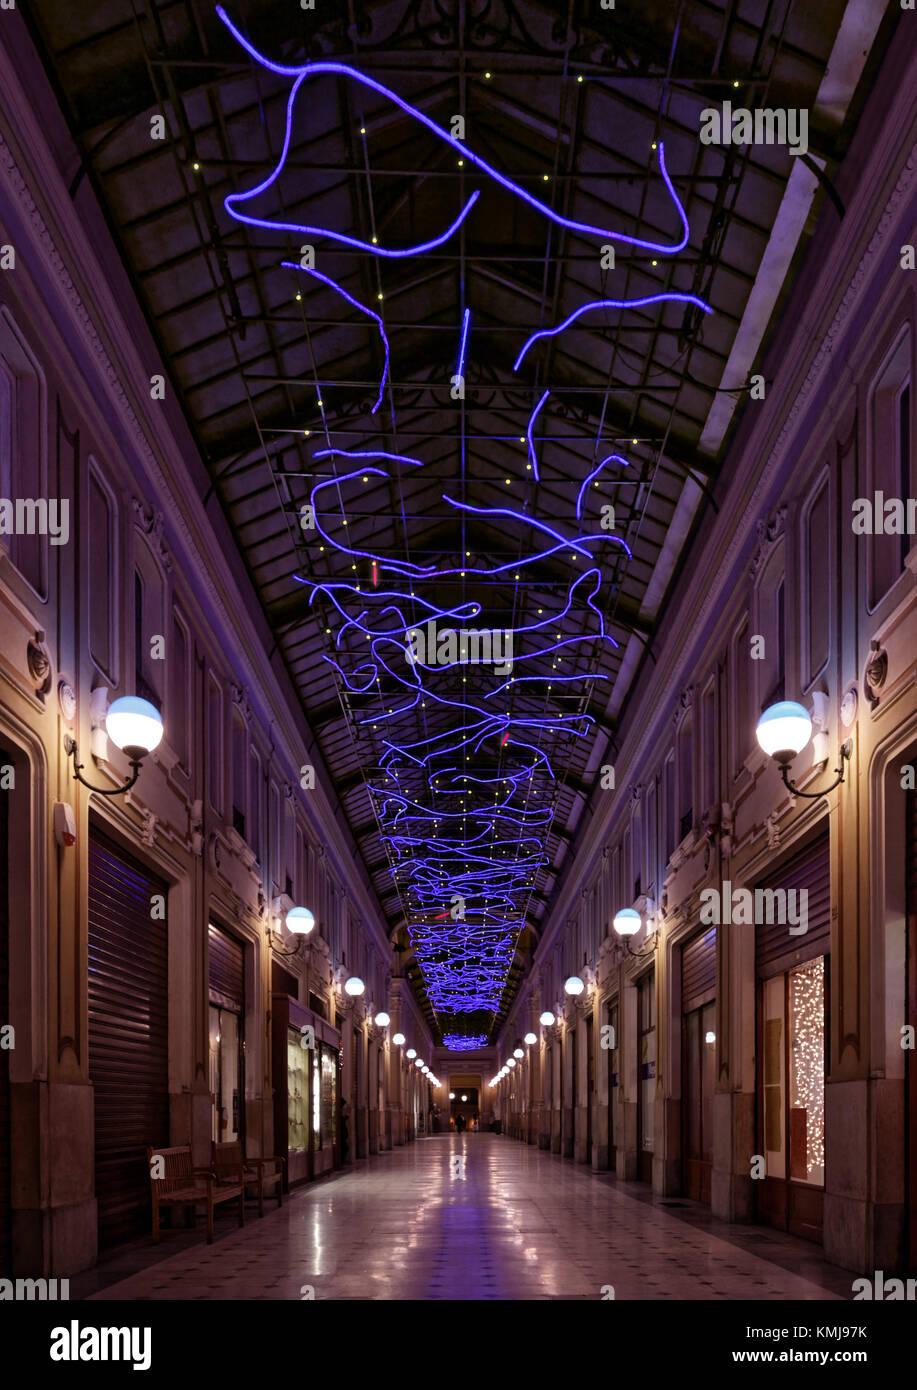 Torino, Italy. Luci d'artista (Artist Lights). Artwork: L'energia che unisce si espande nel blu, Marco Gastini - Stock Image